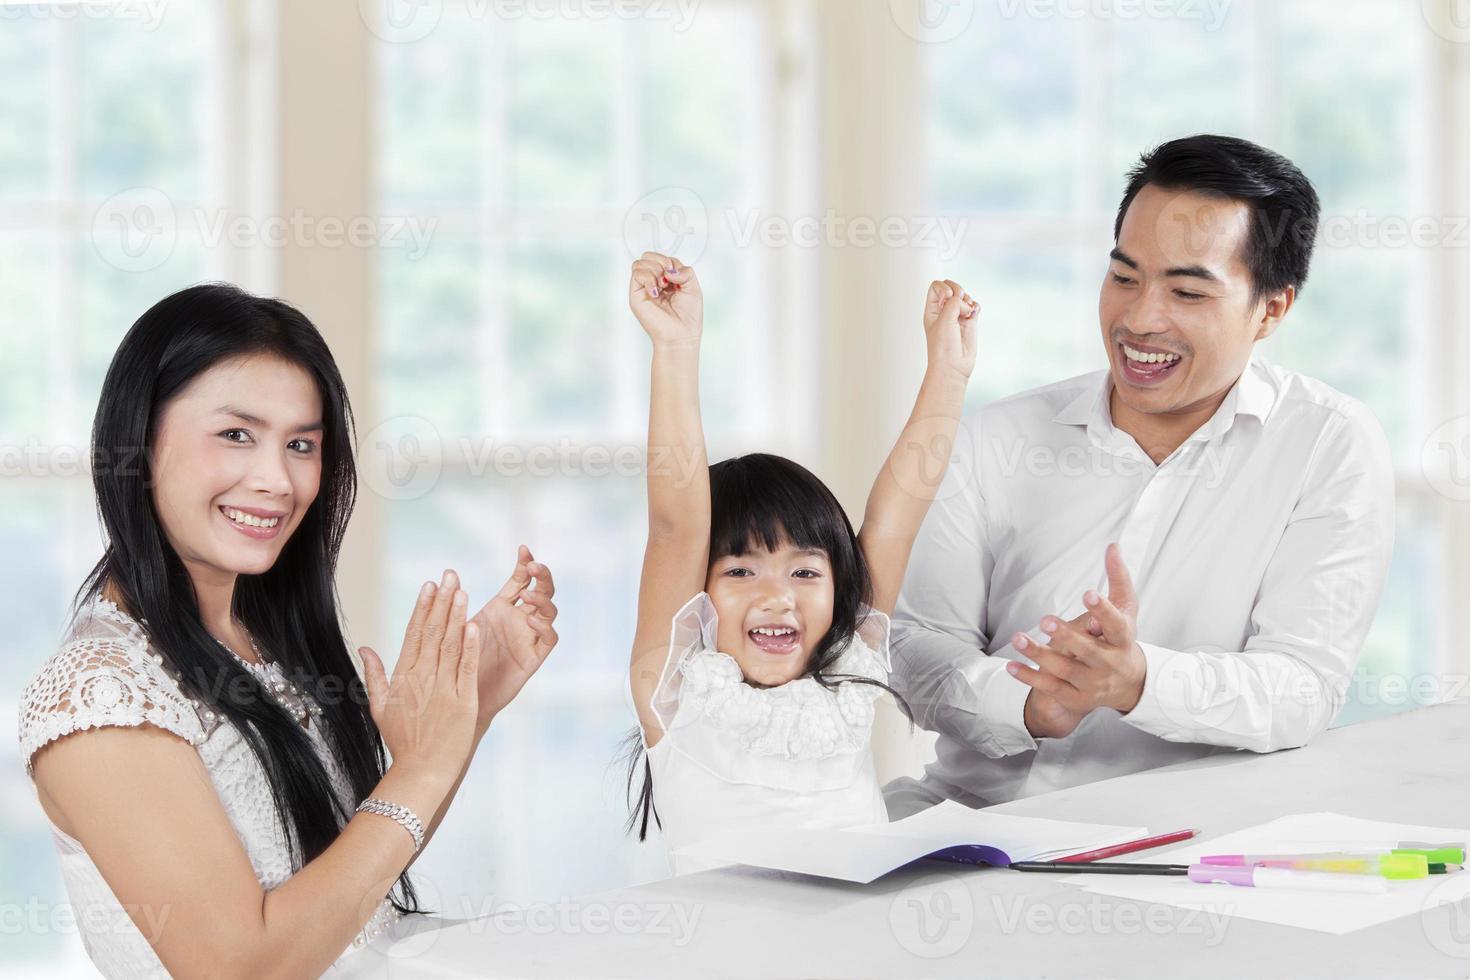 vrolijke familie samen schoolwerk afmaken foto